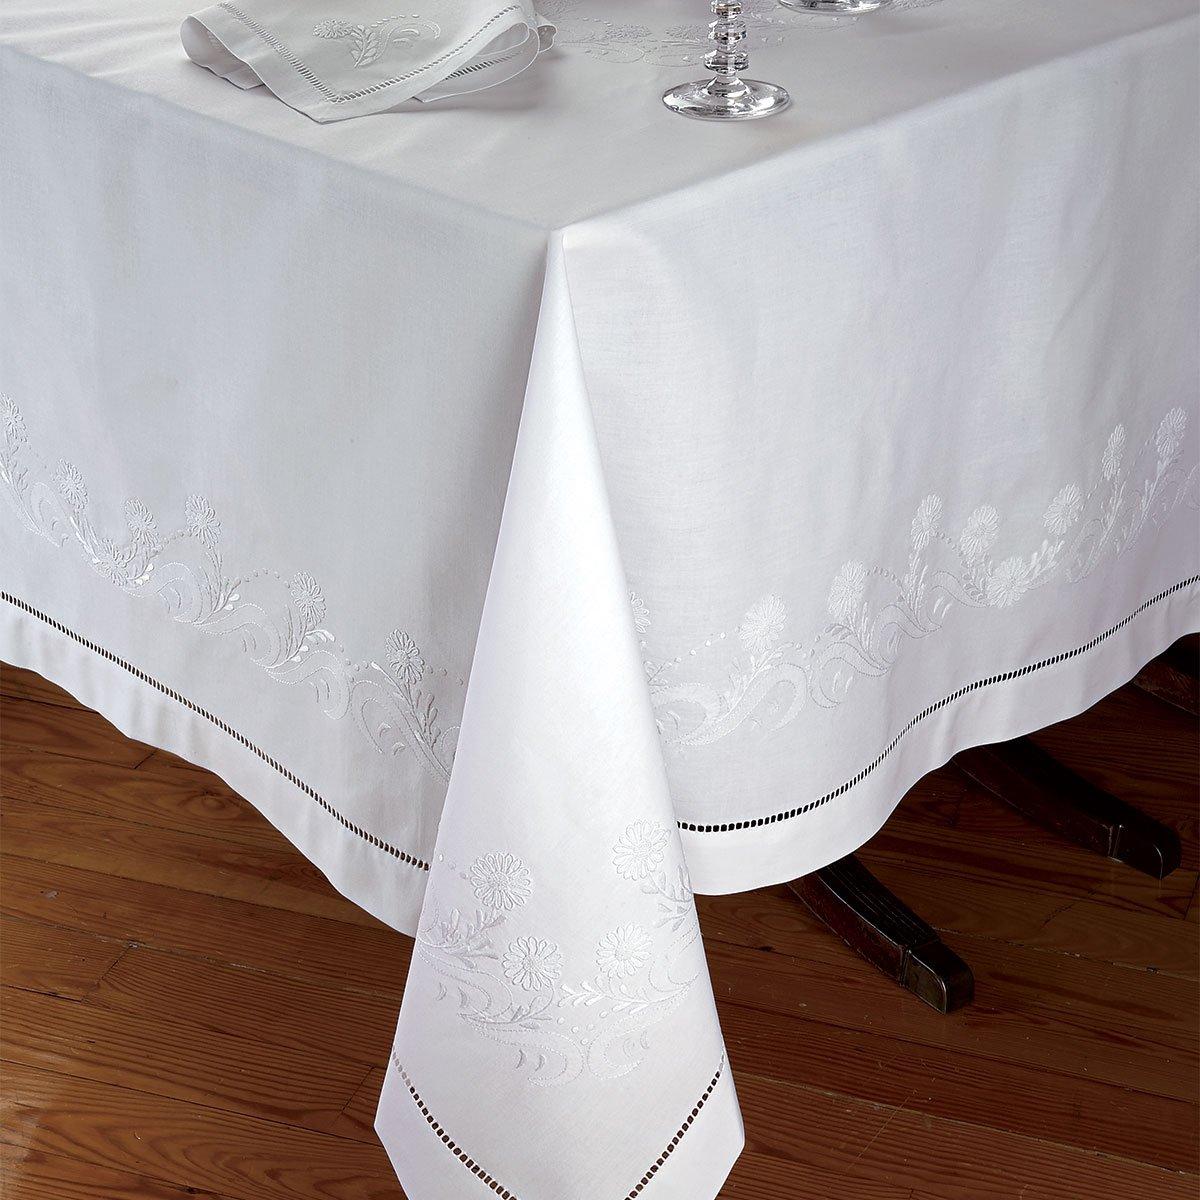 Duchess Napkins, White on White (1 Dozen)